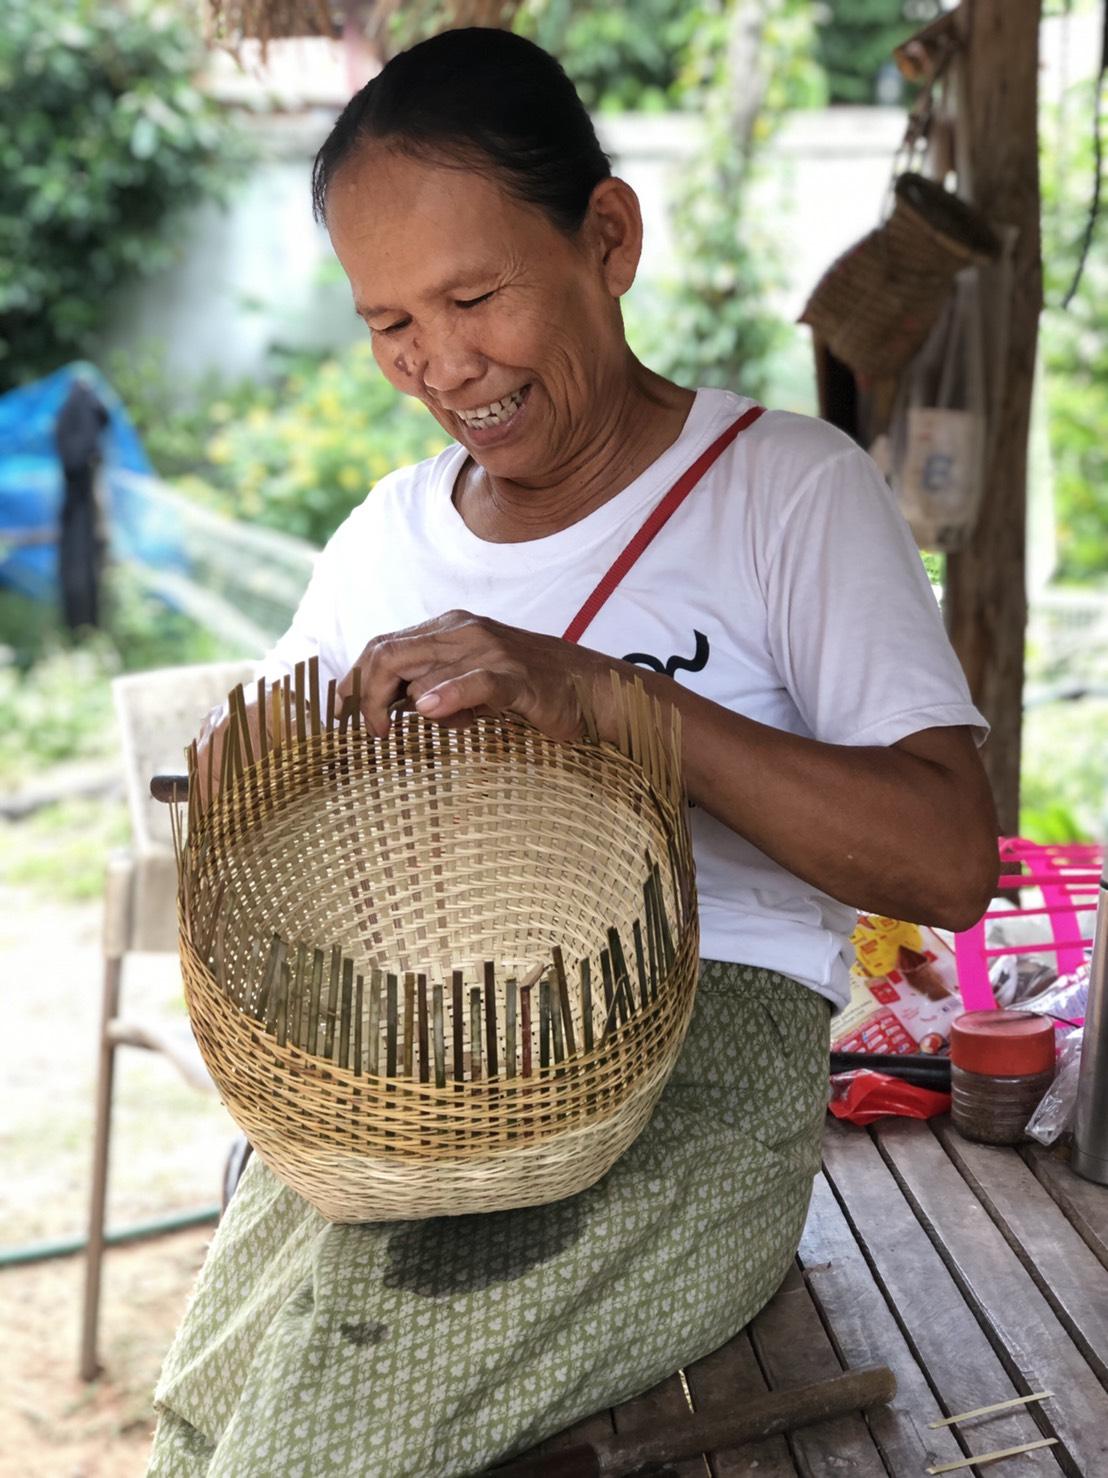 มองทั่วทิศเมืองไทย : ทำเครื่องจักสานขายรายได้งาม